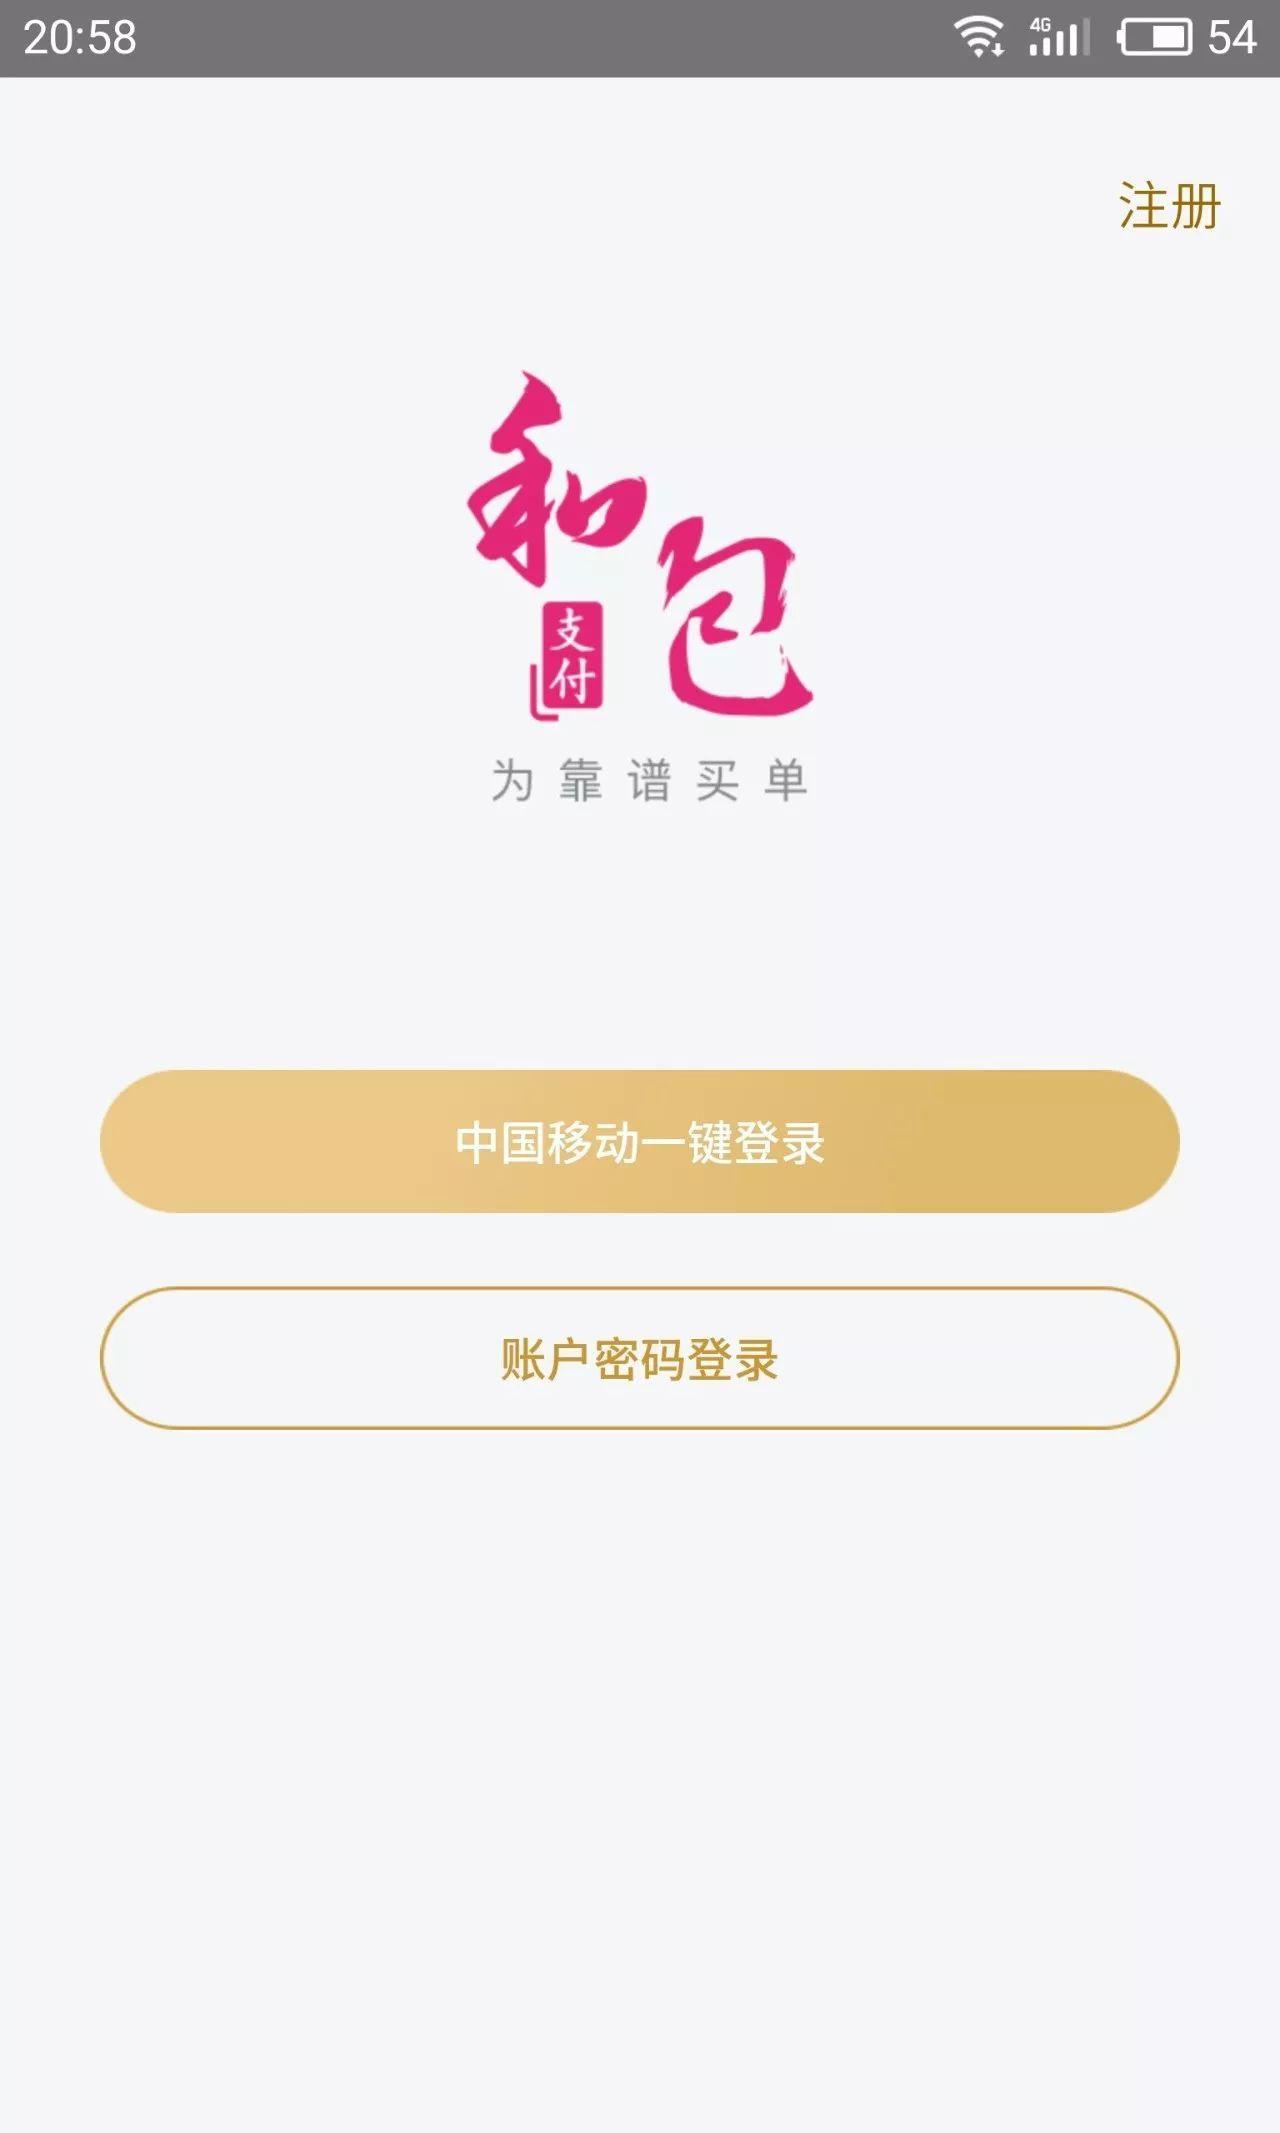 中国联通9.9元充值50元 9.9元_京东优惠_什么值得买